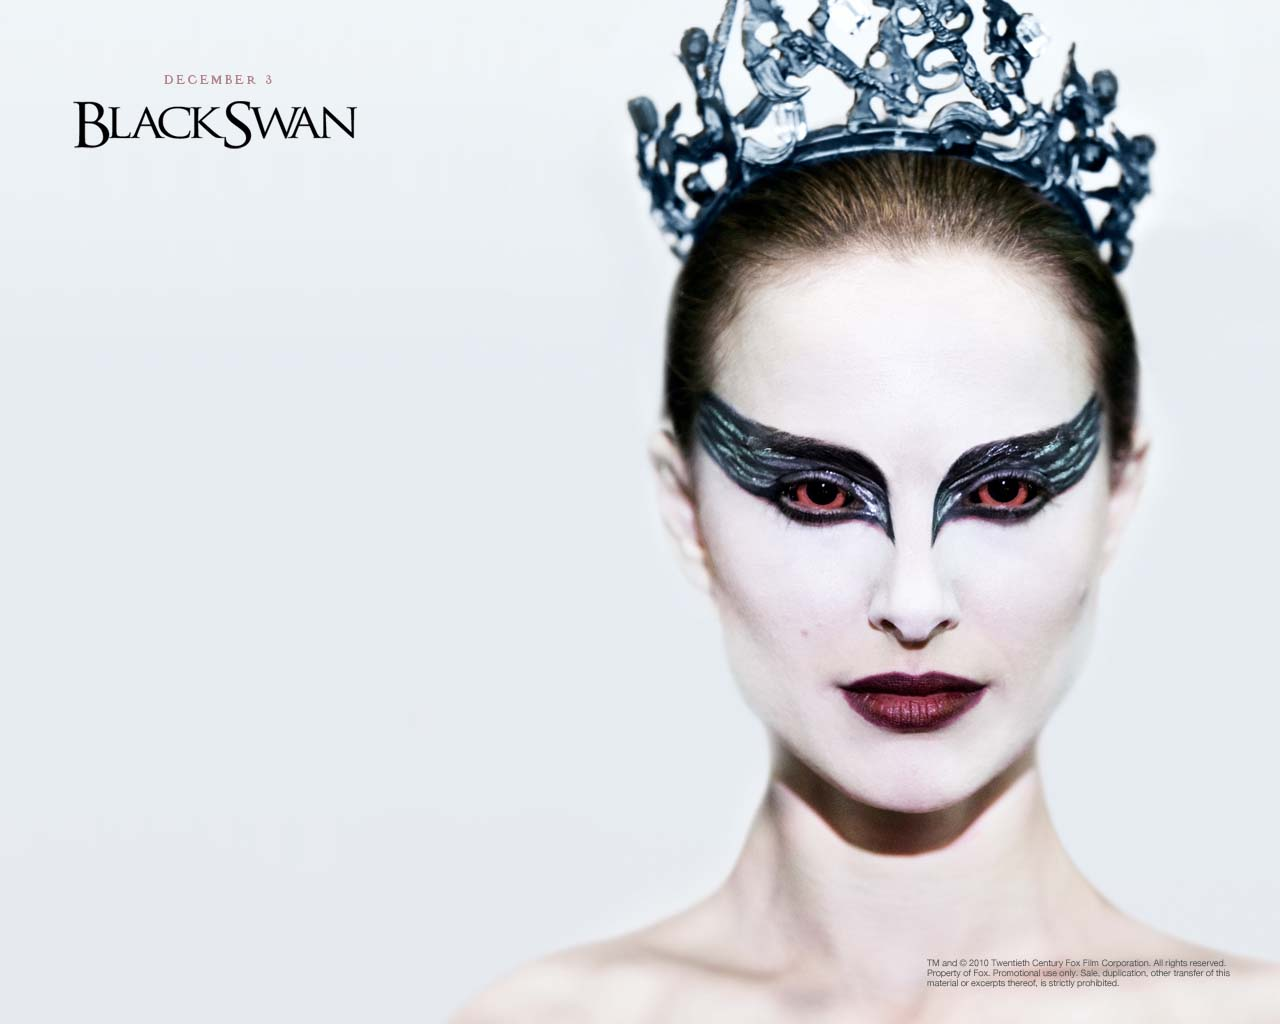 black swan movie wallpaper